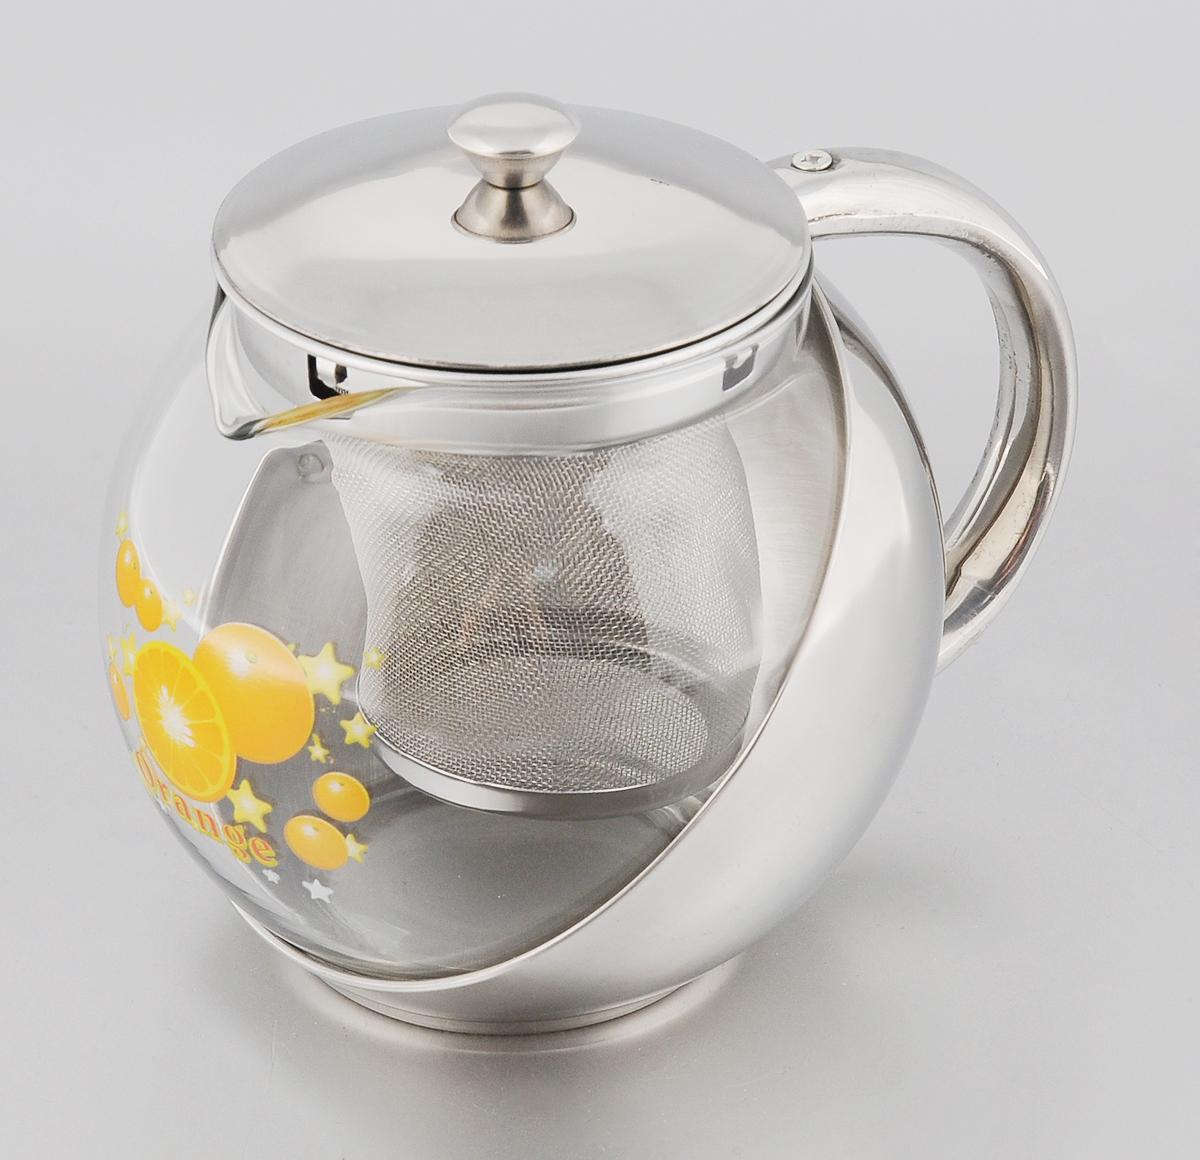 Чайник заварочный Mayer & Boch Orange, 700 мл2025Заварочный чайник Mayer & Boch Orange позволит быстро и просто приготовить свежий и ароматный чай или кофе. Съемный фильтр из нержавеющей стали поможет приготовить чистый напиток без частиц заварки, а прозрачные стенки стеклянной колбы позволят наблюдать за приготовлением напитка. Изящный и современный стиль чайника прекрасно подчеркнет декор любой кухни. Диаметр (по верхнему краю): 8 см. Высота: 11 см.